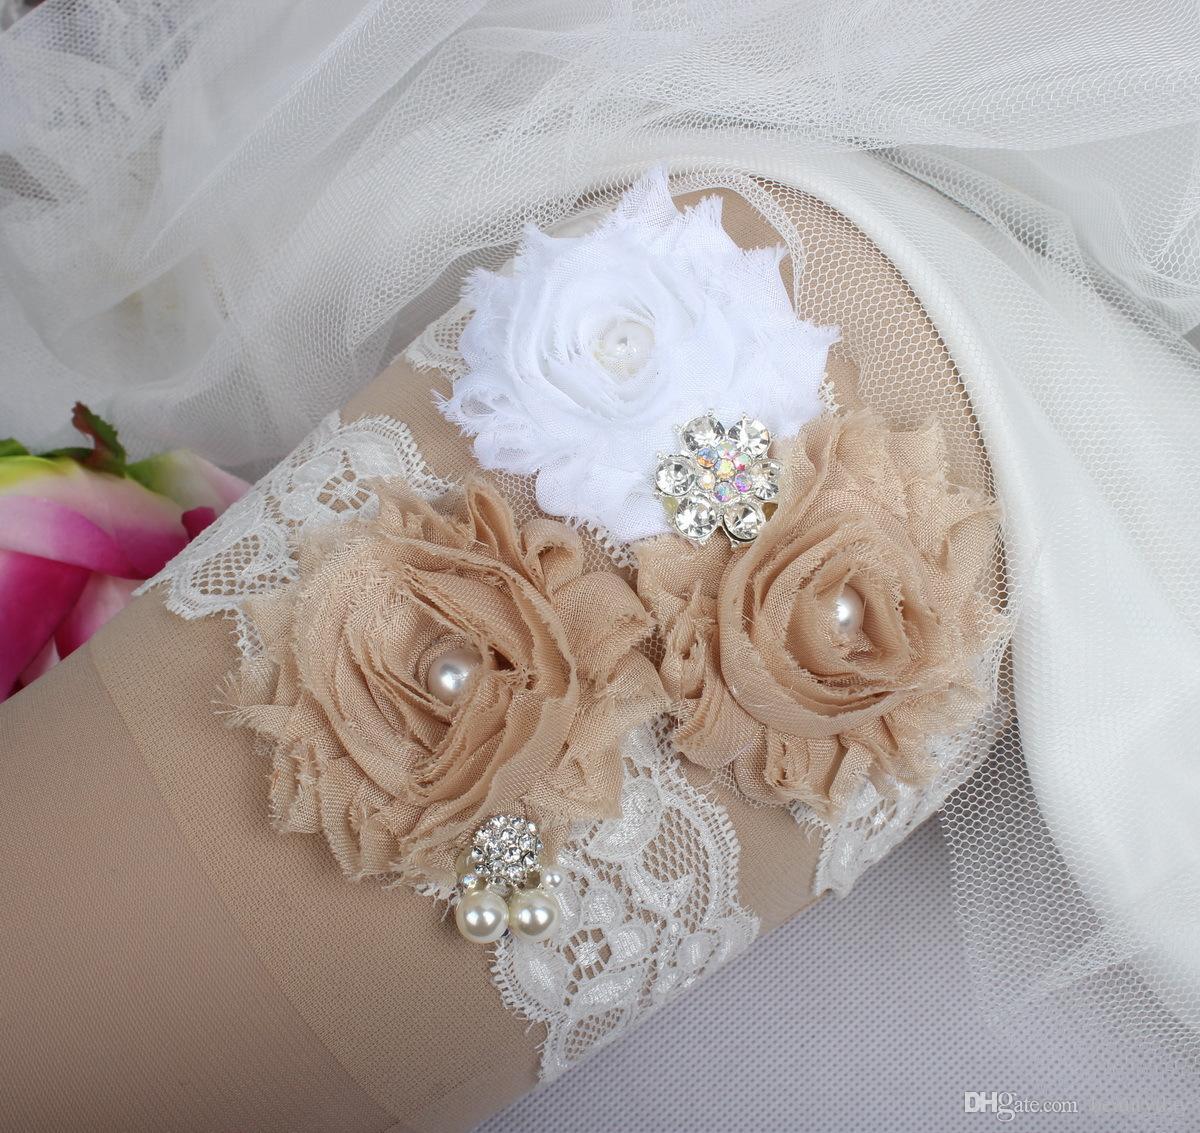 Gelin Garters Rhinestone İnciler Kristal Boncuk Şampanya Çiçekler Dantel Gelin Düğün Için Garters Garters Artı Boyutu Fabrika Toptancısı